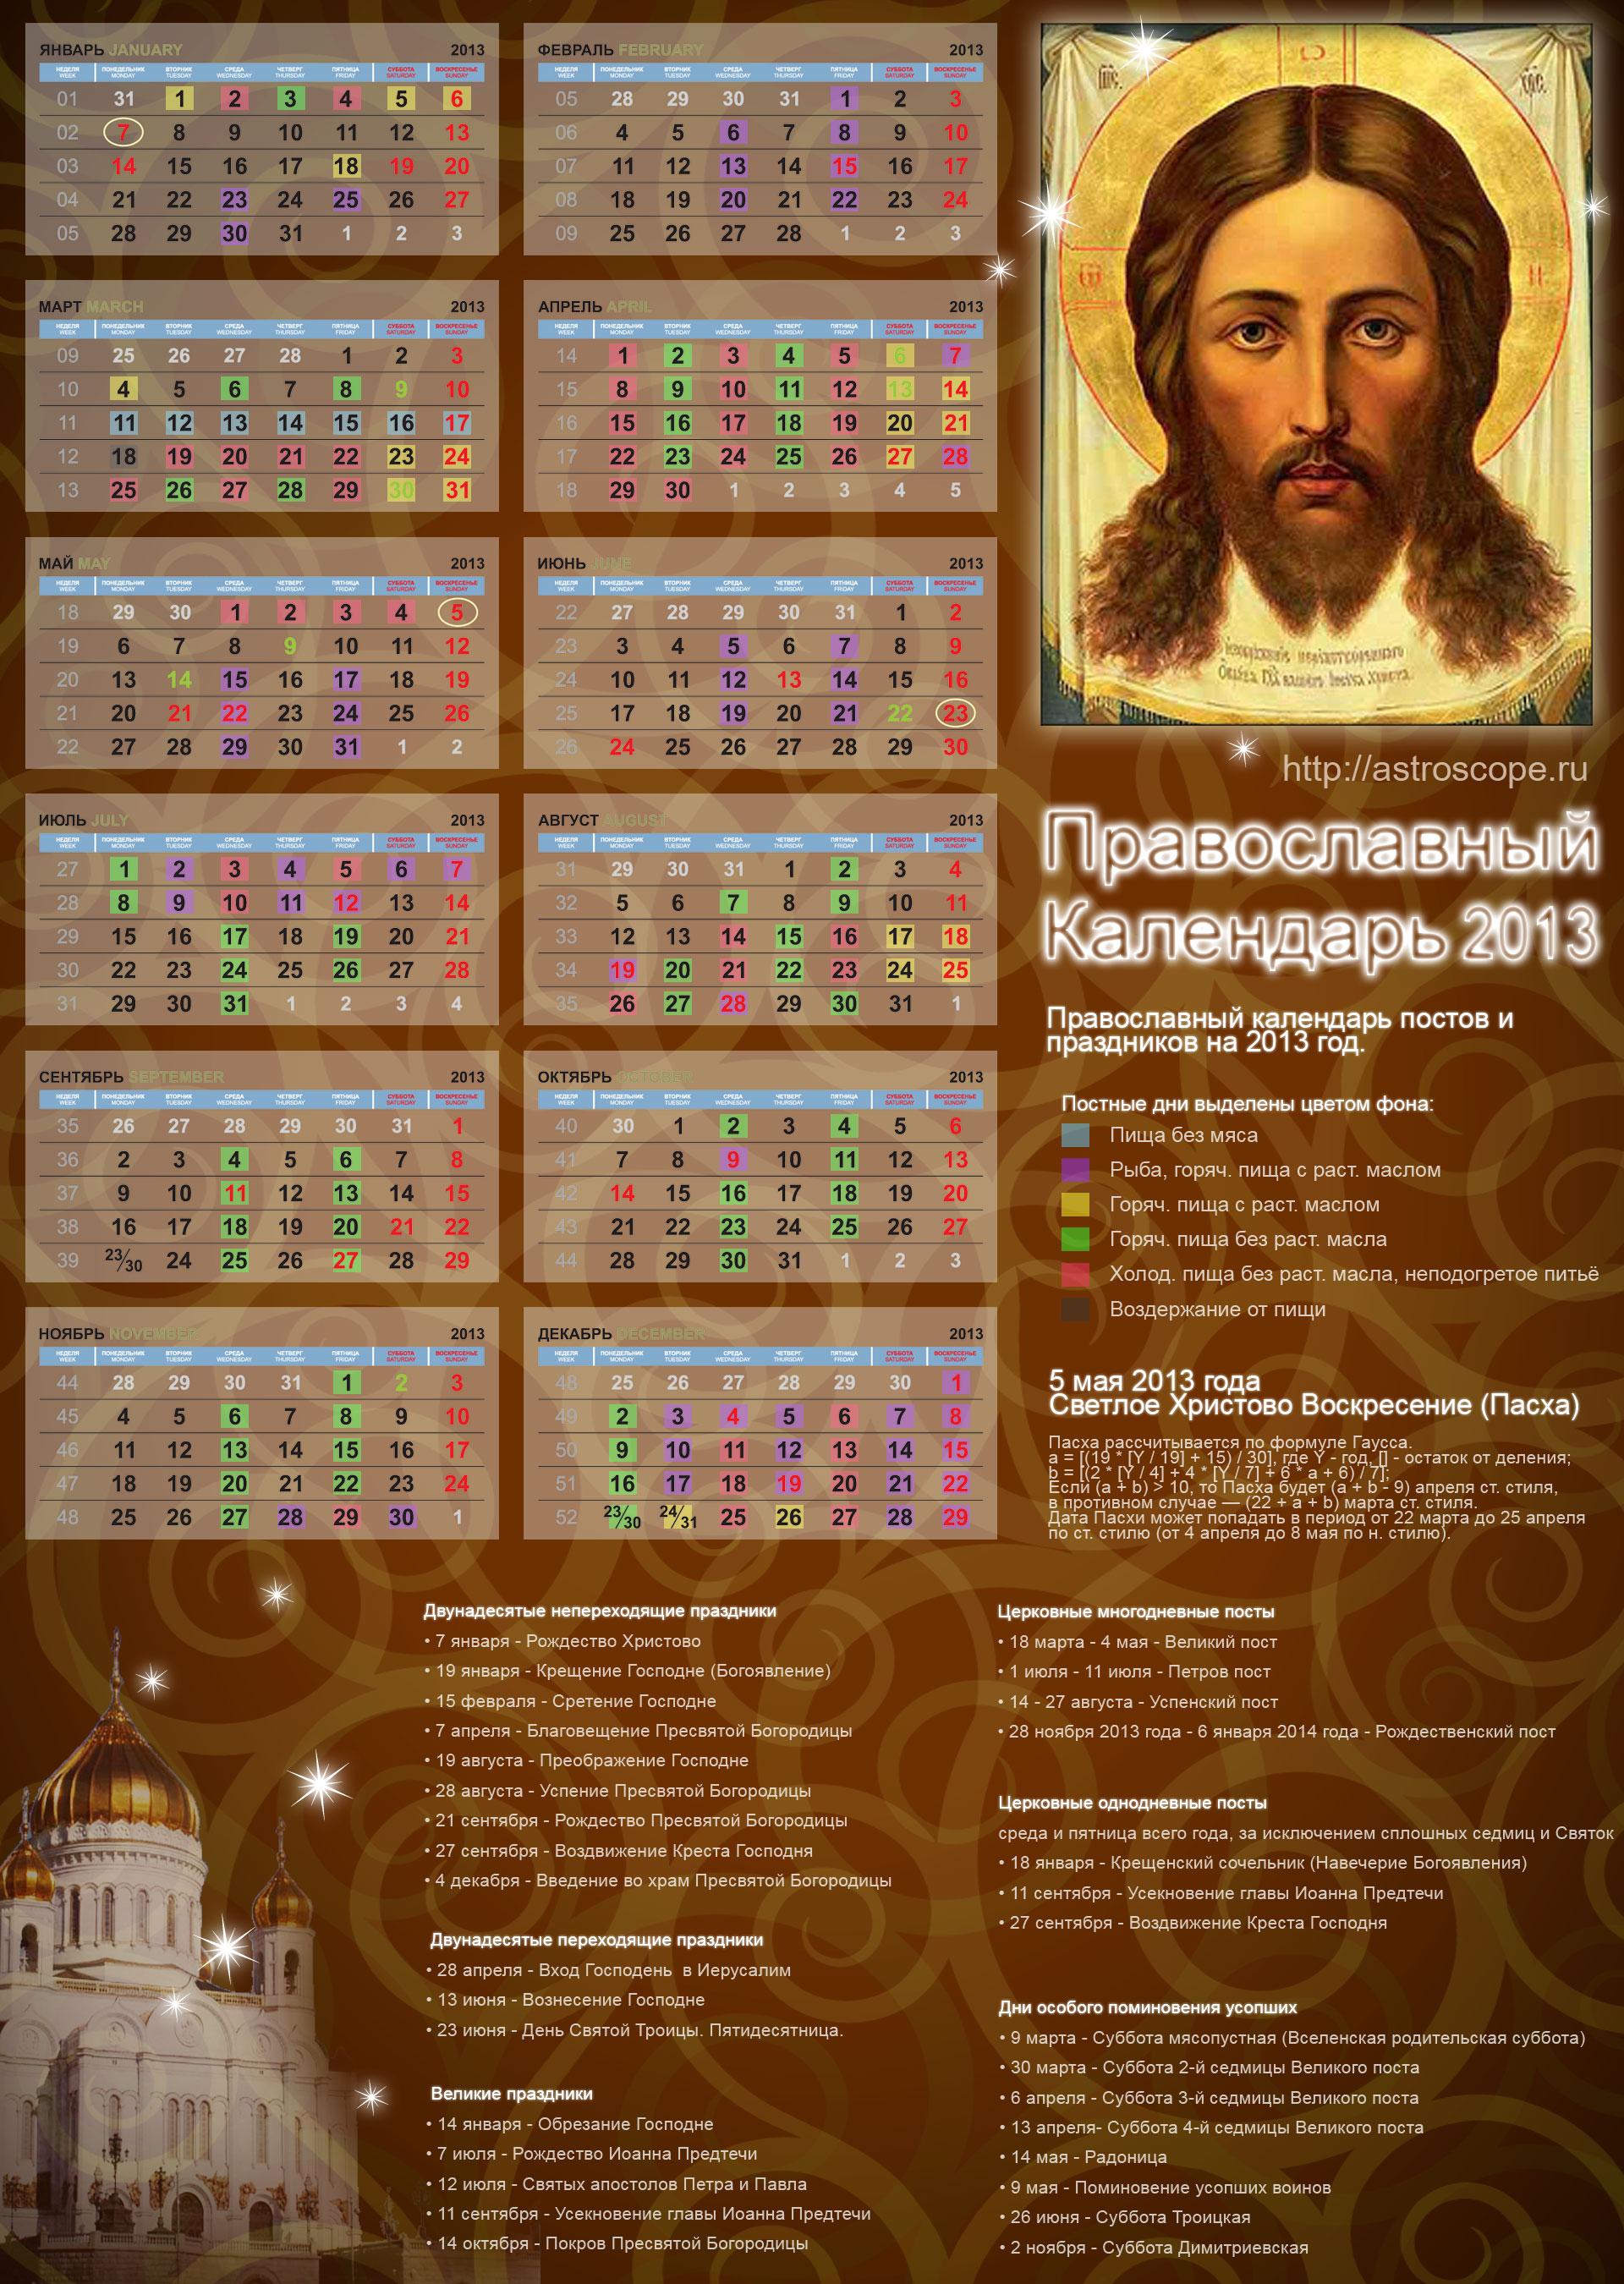 Календарь на 2013 год распечатать